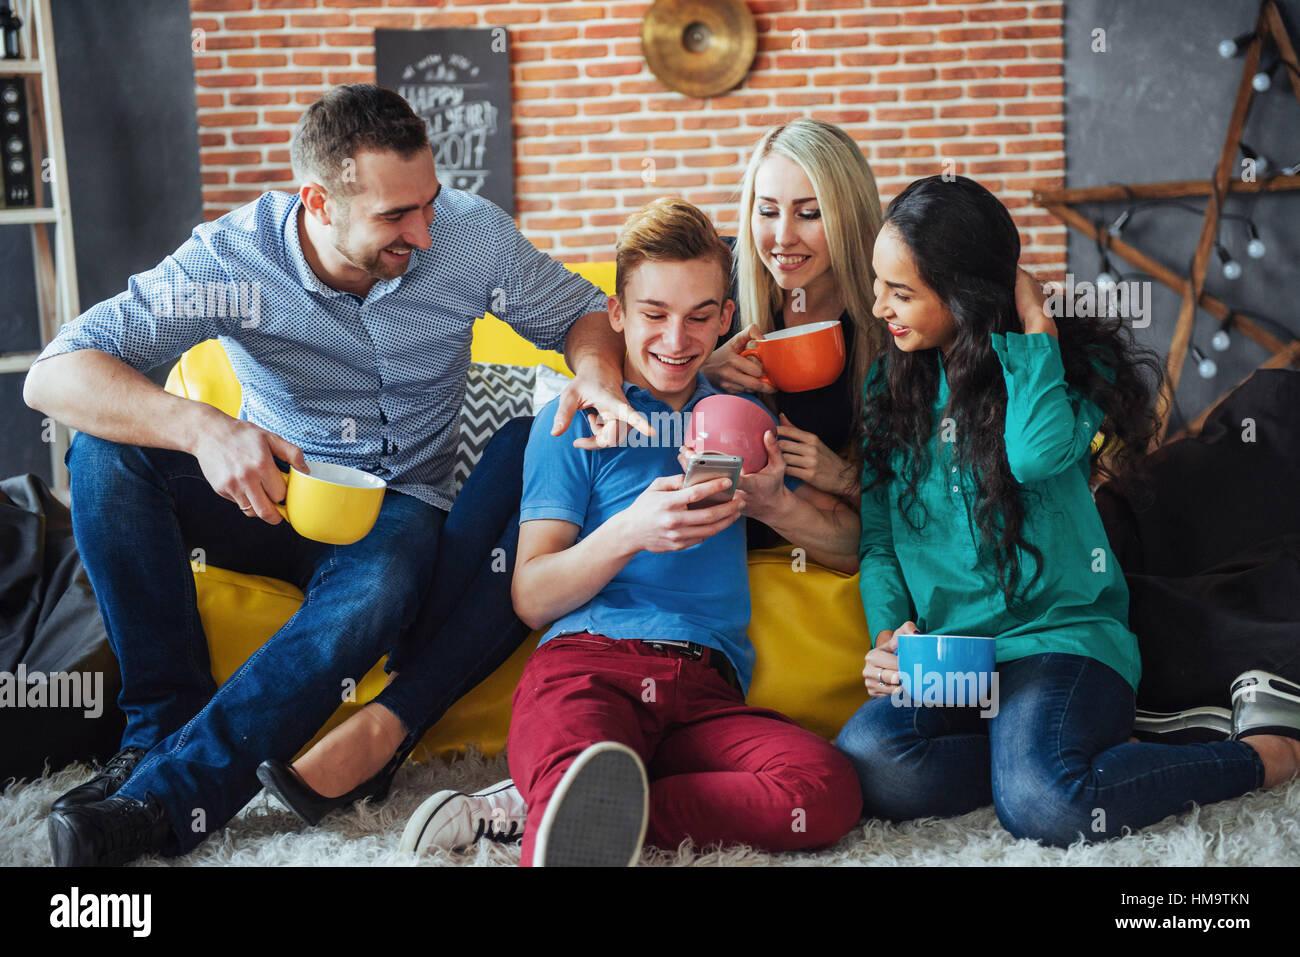 Portrait de groupe de vieux amis communiquer les uns avec les autres, ami posant sur cafe style urbain, les gens Photo Stock